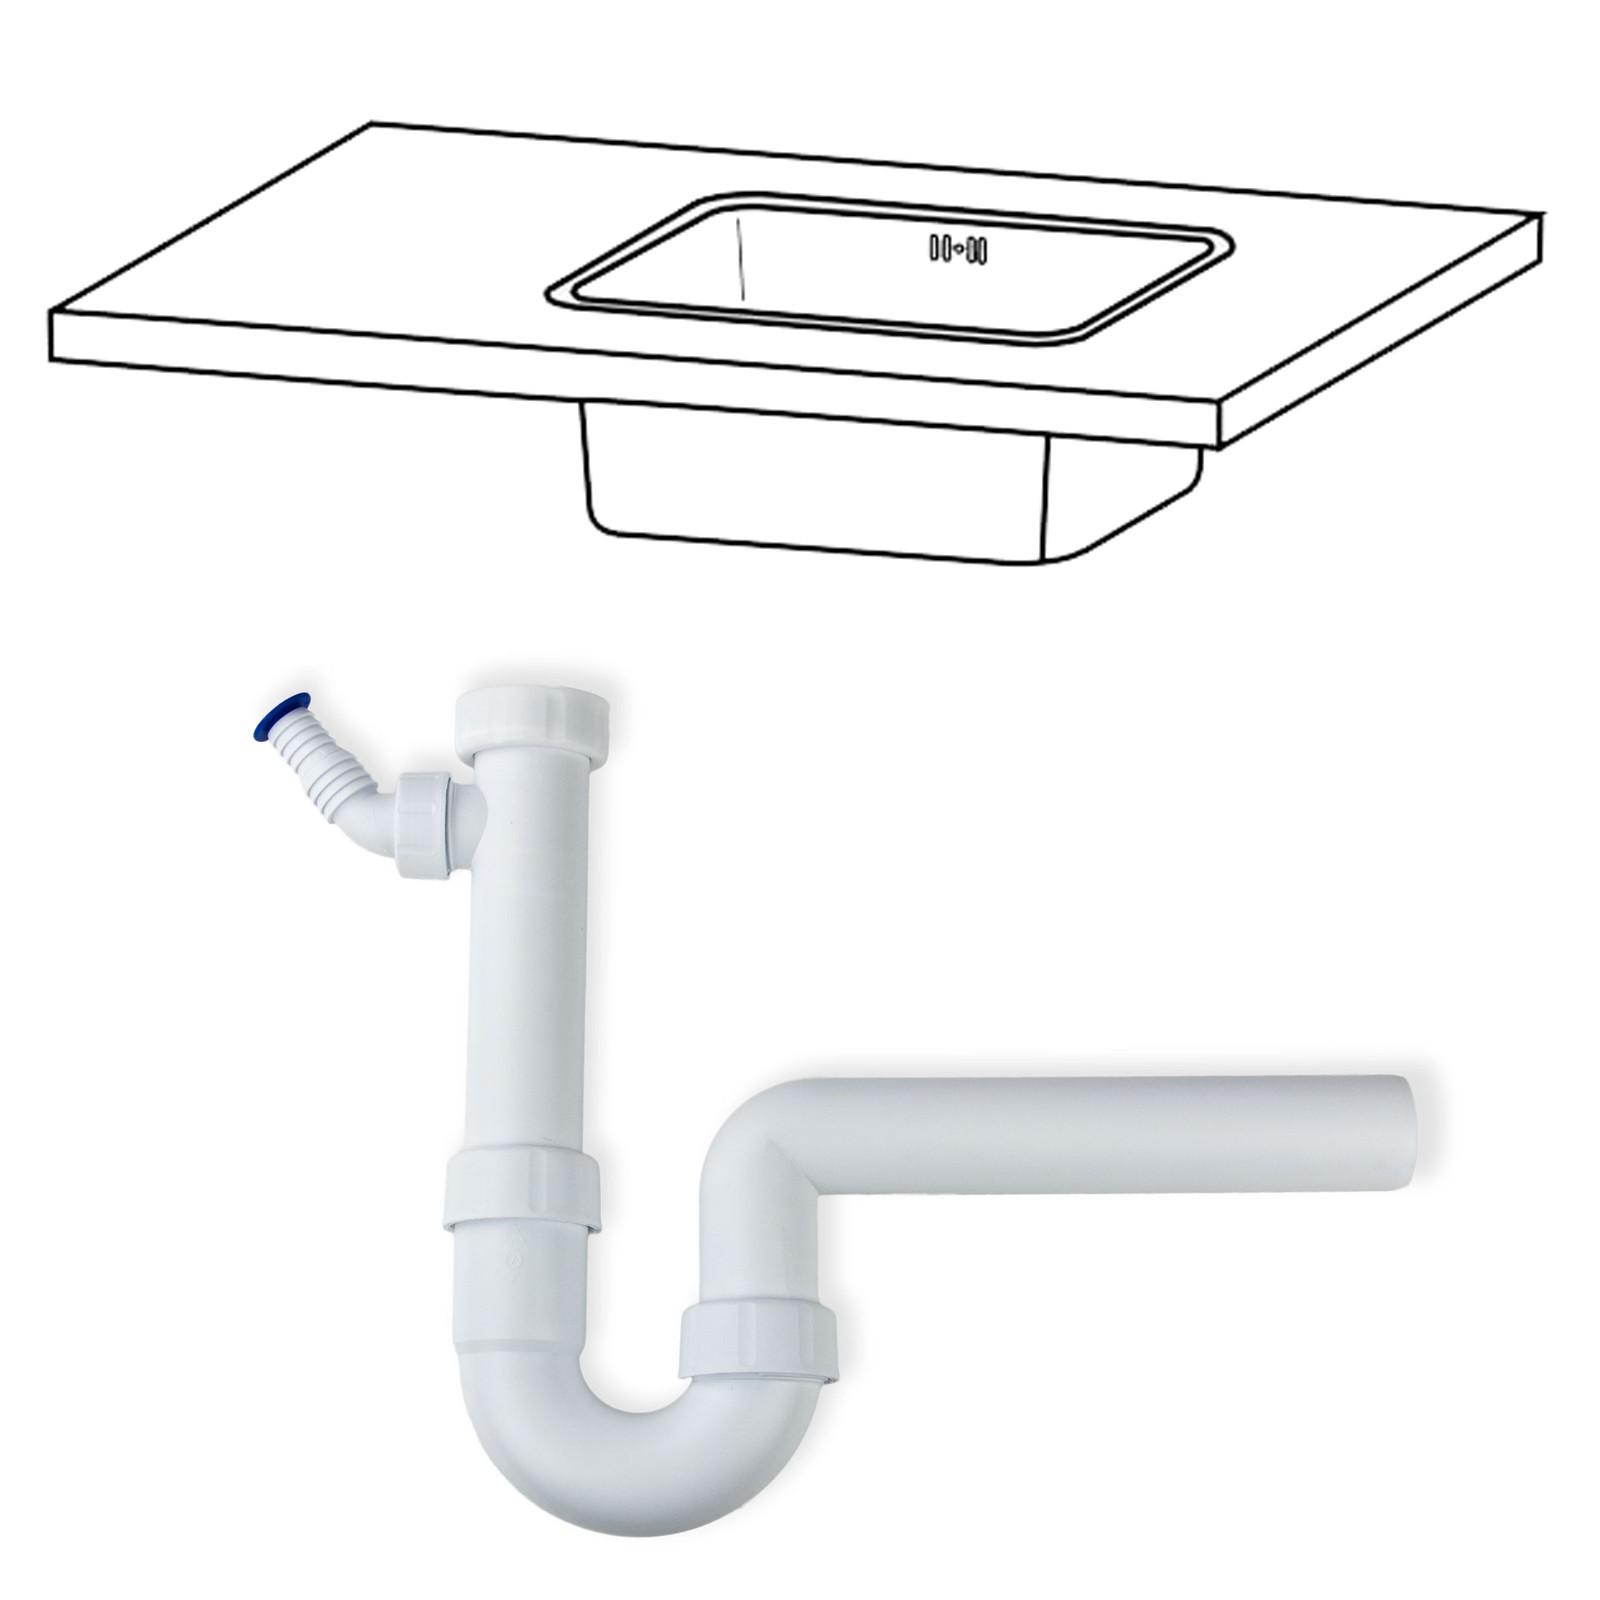 r hrensiphon 1 1 2 zoll x dn40 40mm nw40 kunststoff sp len siphon sp len sifon ebay. Black Bedroom Furniture Sets. Home Design Ideas